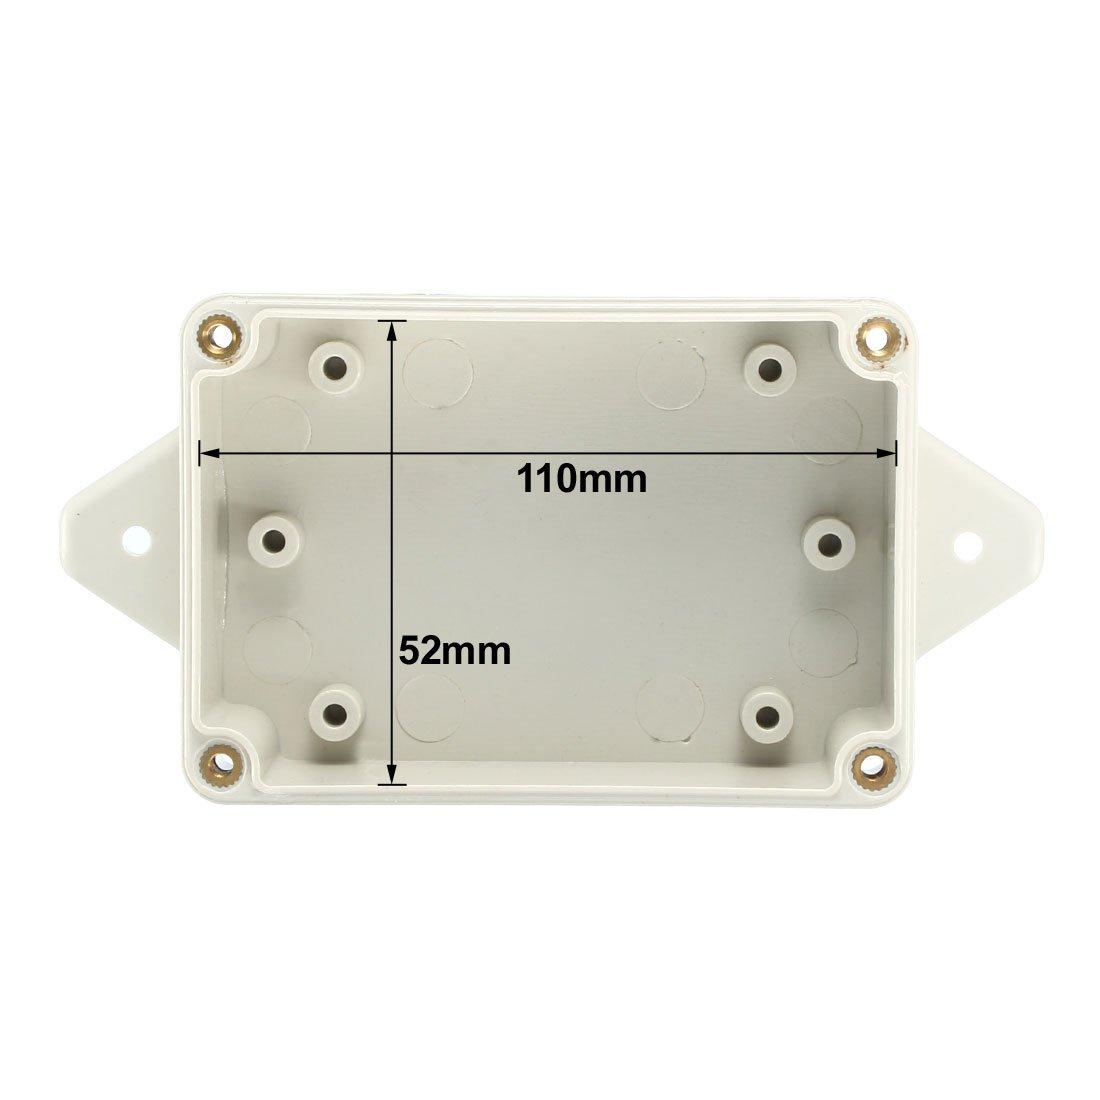 55mm Elektronische ABS Kunststoff DIY Anschlussdose Kasten Grau DE de sourcing map 115 90